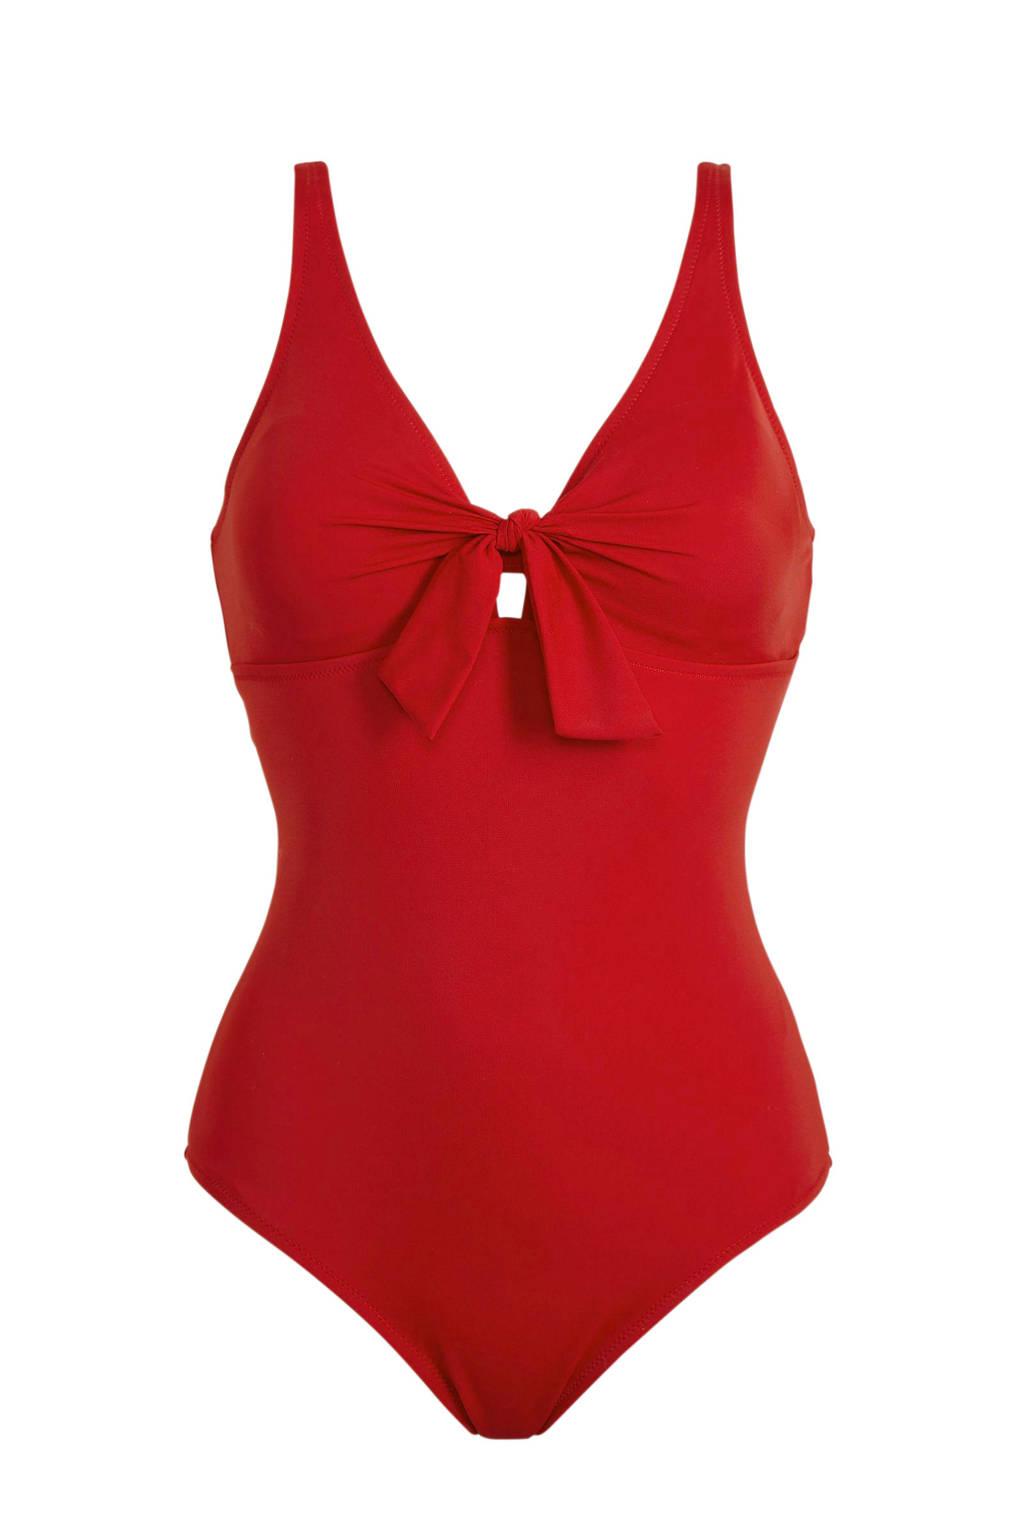 C&A badpak met knoop detail rood, Rood